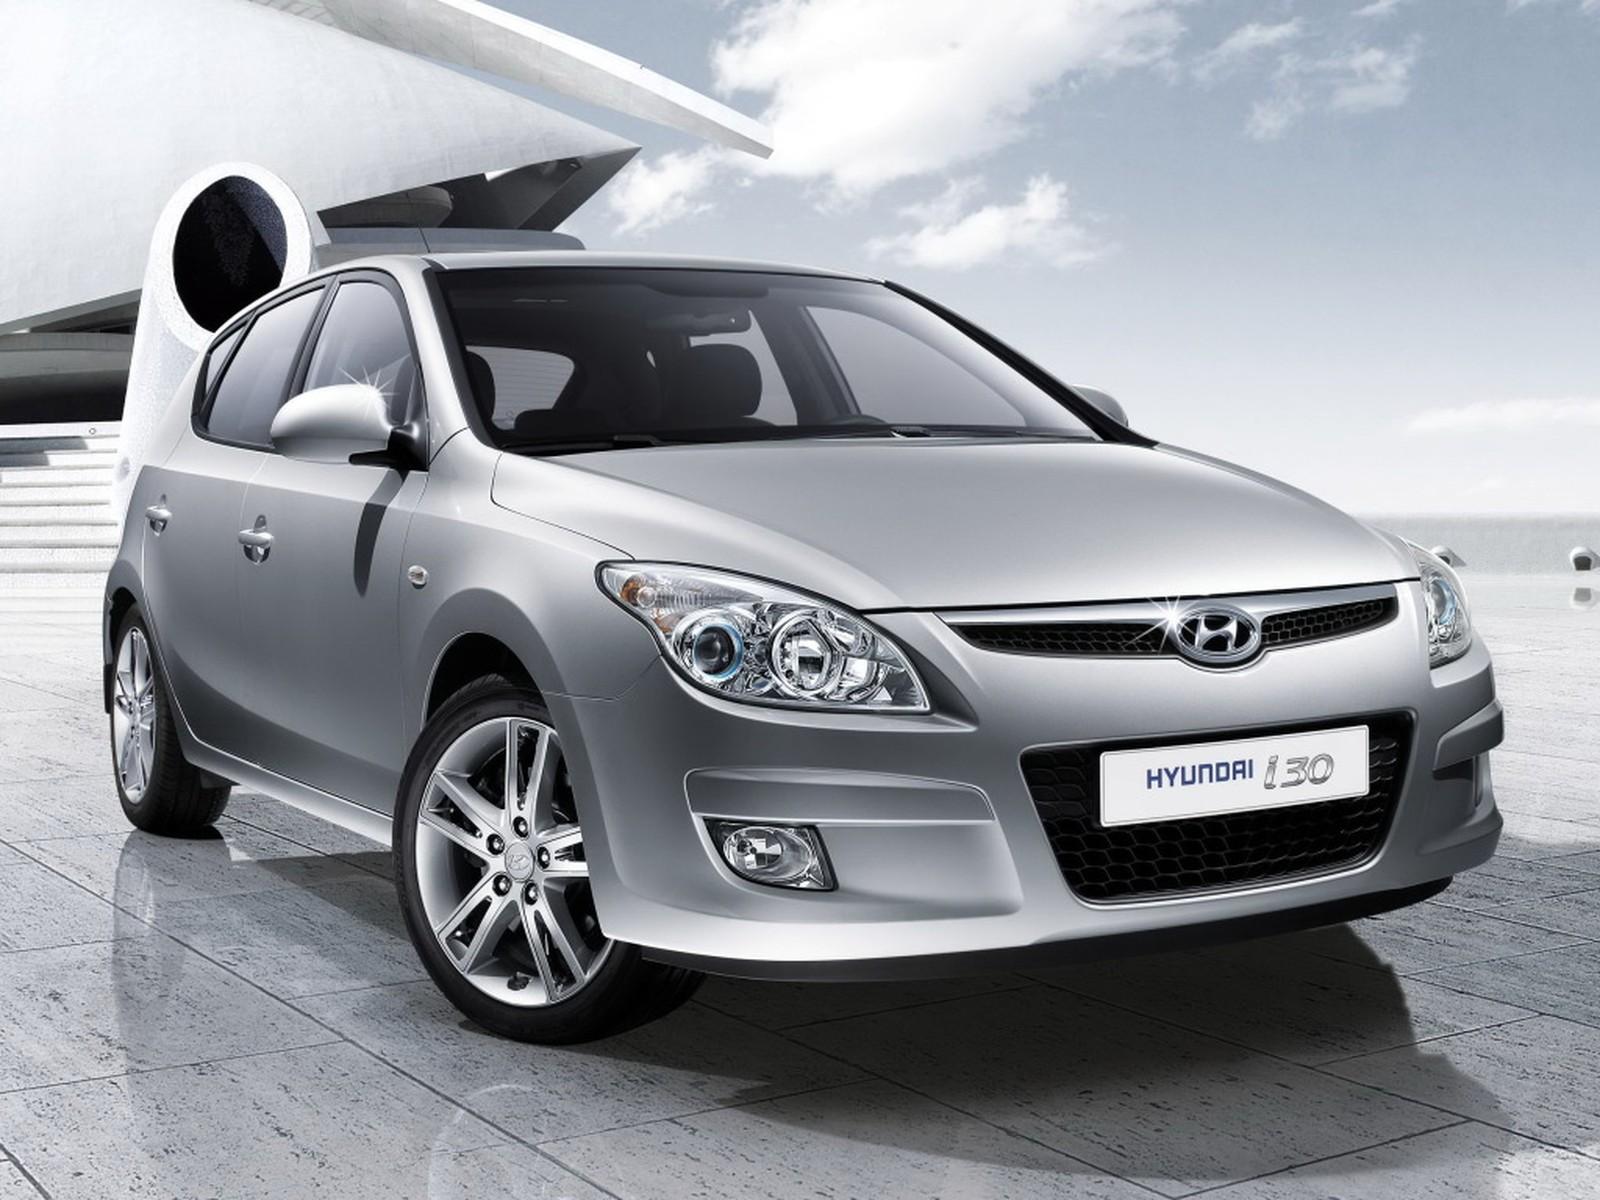 Hyundai chama i30 para recall; airbags podem se abrir com impactos em buracos